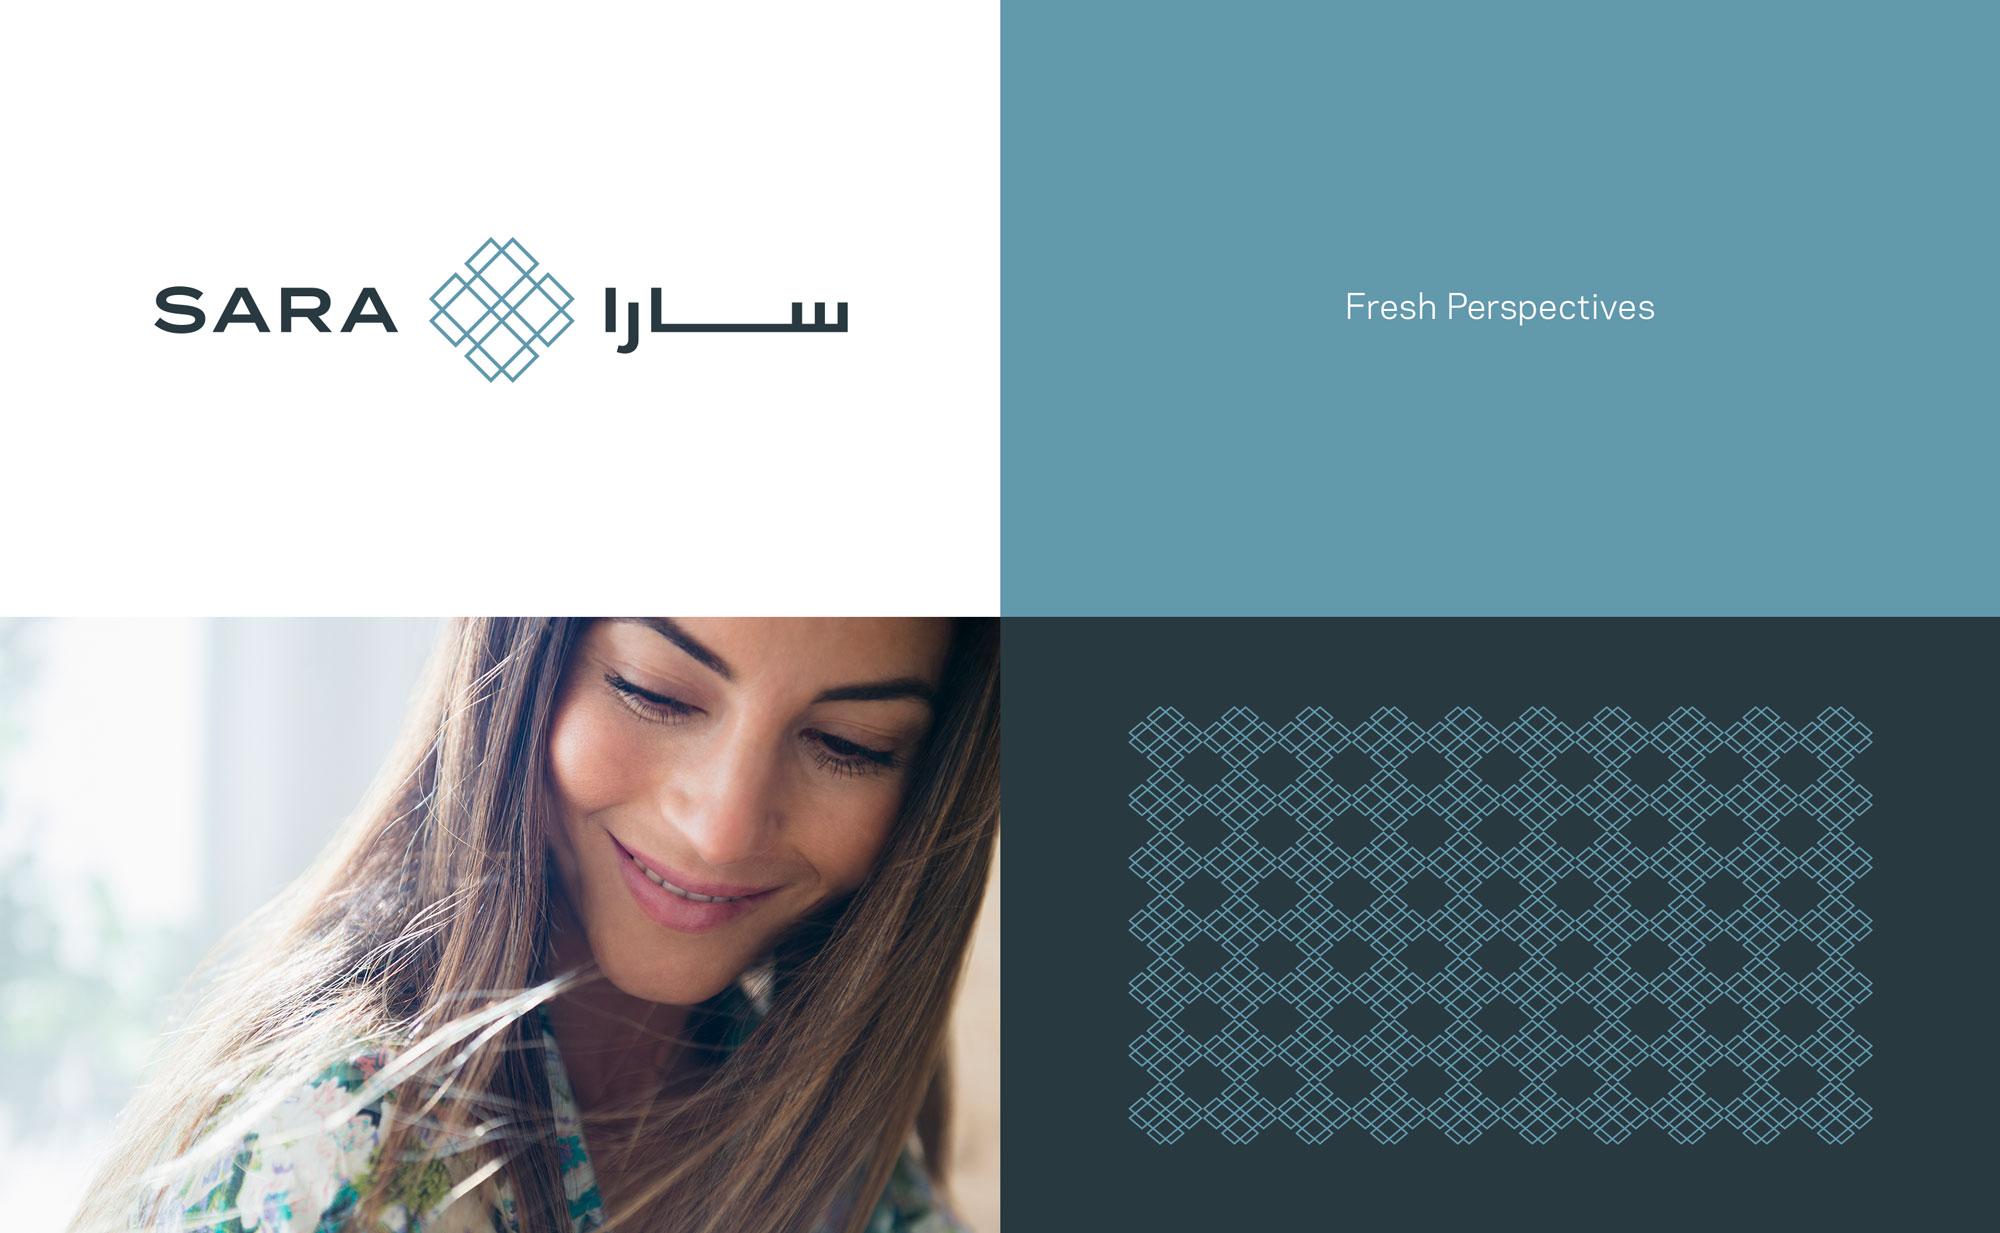 Sara-Group-Project-Visual-2